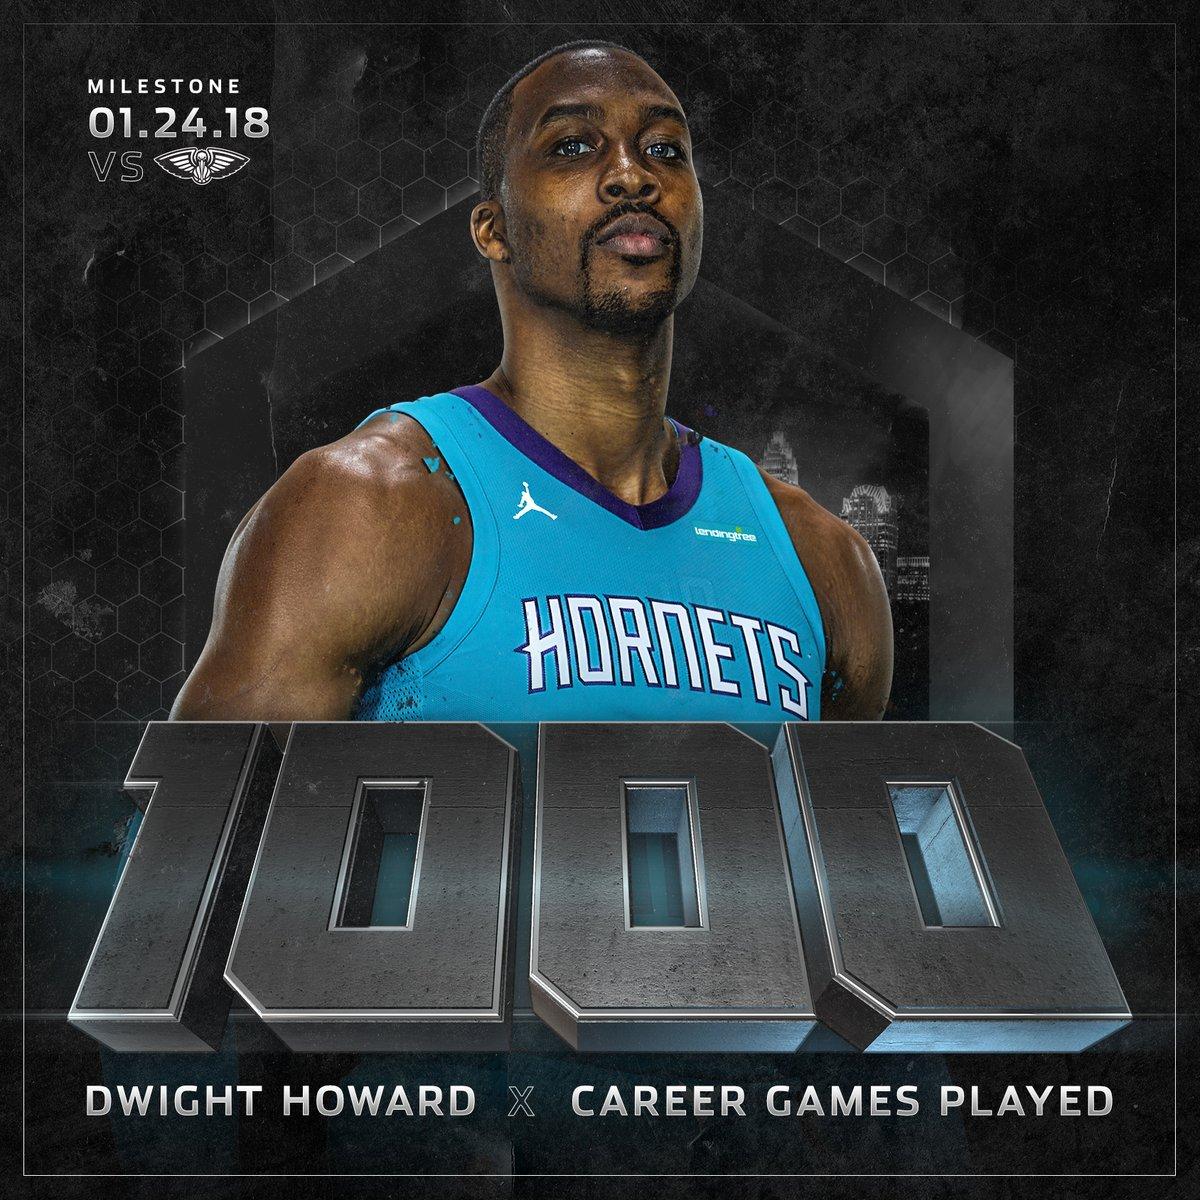 霍华德常规赛生涯出场数达到1000场